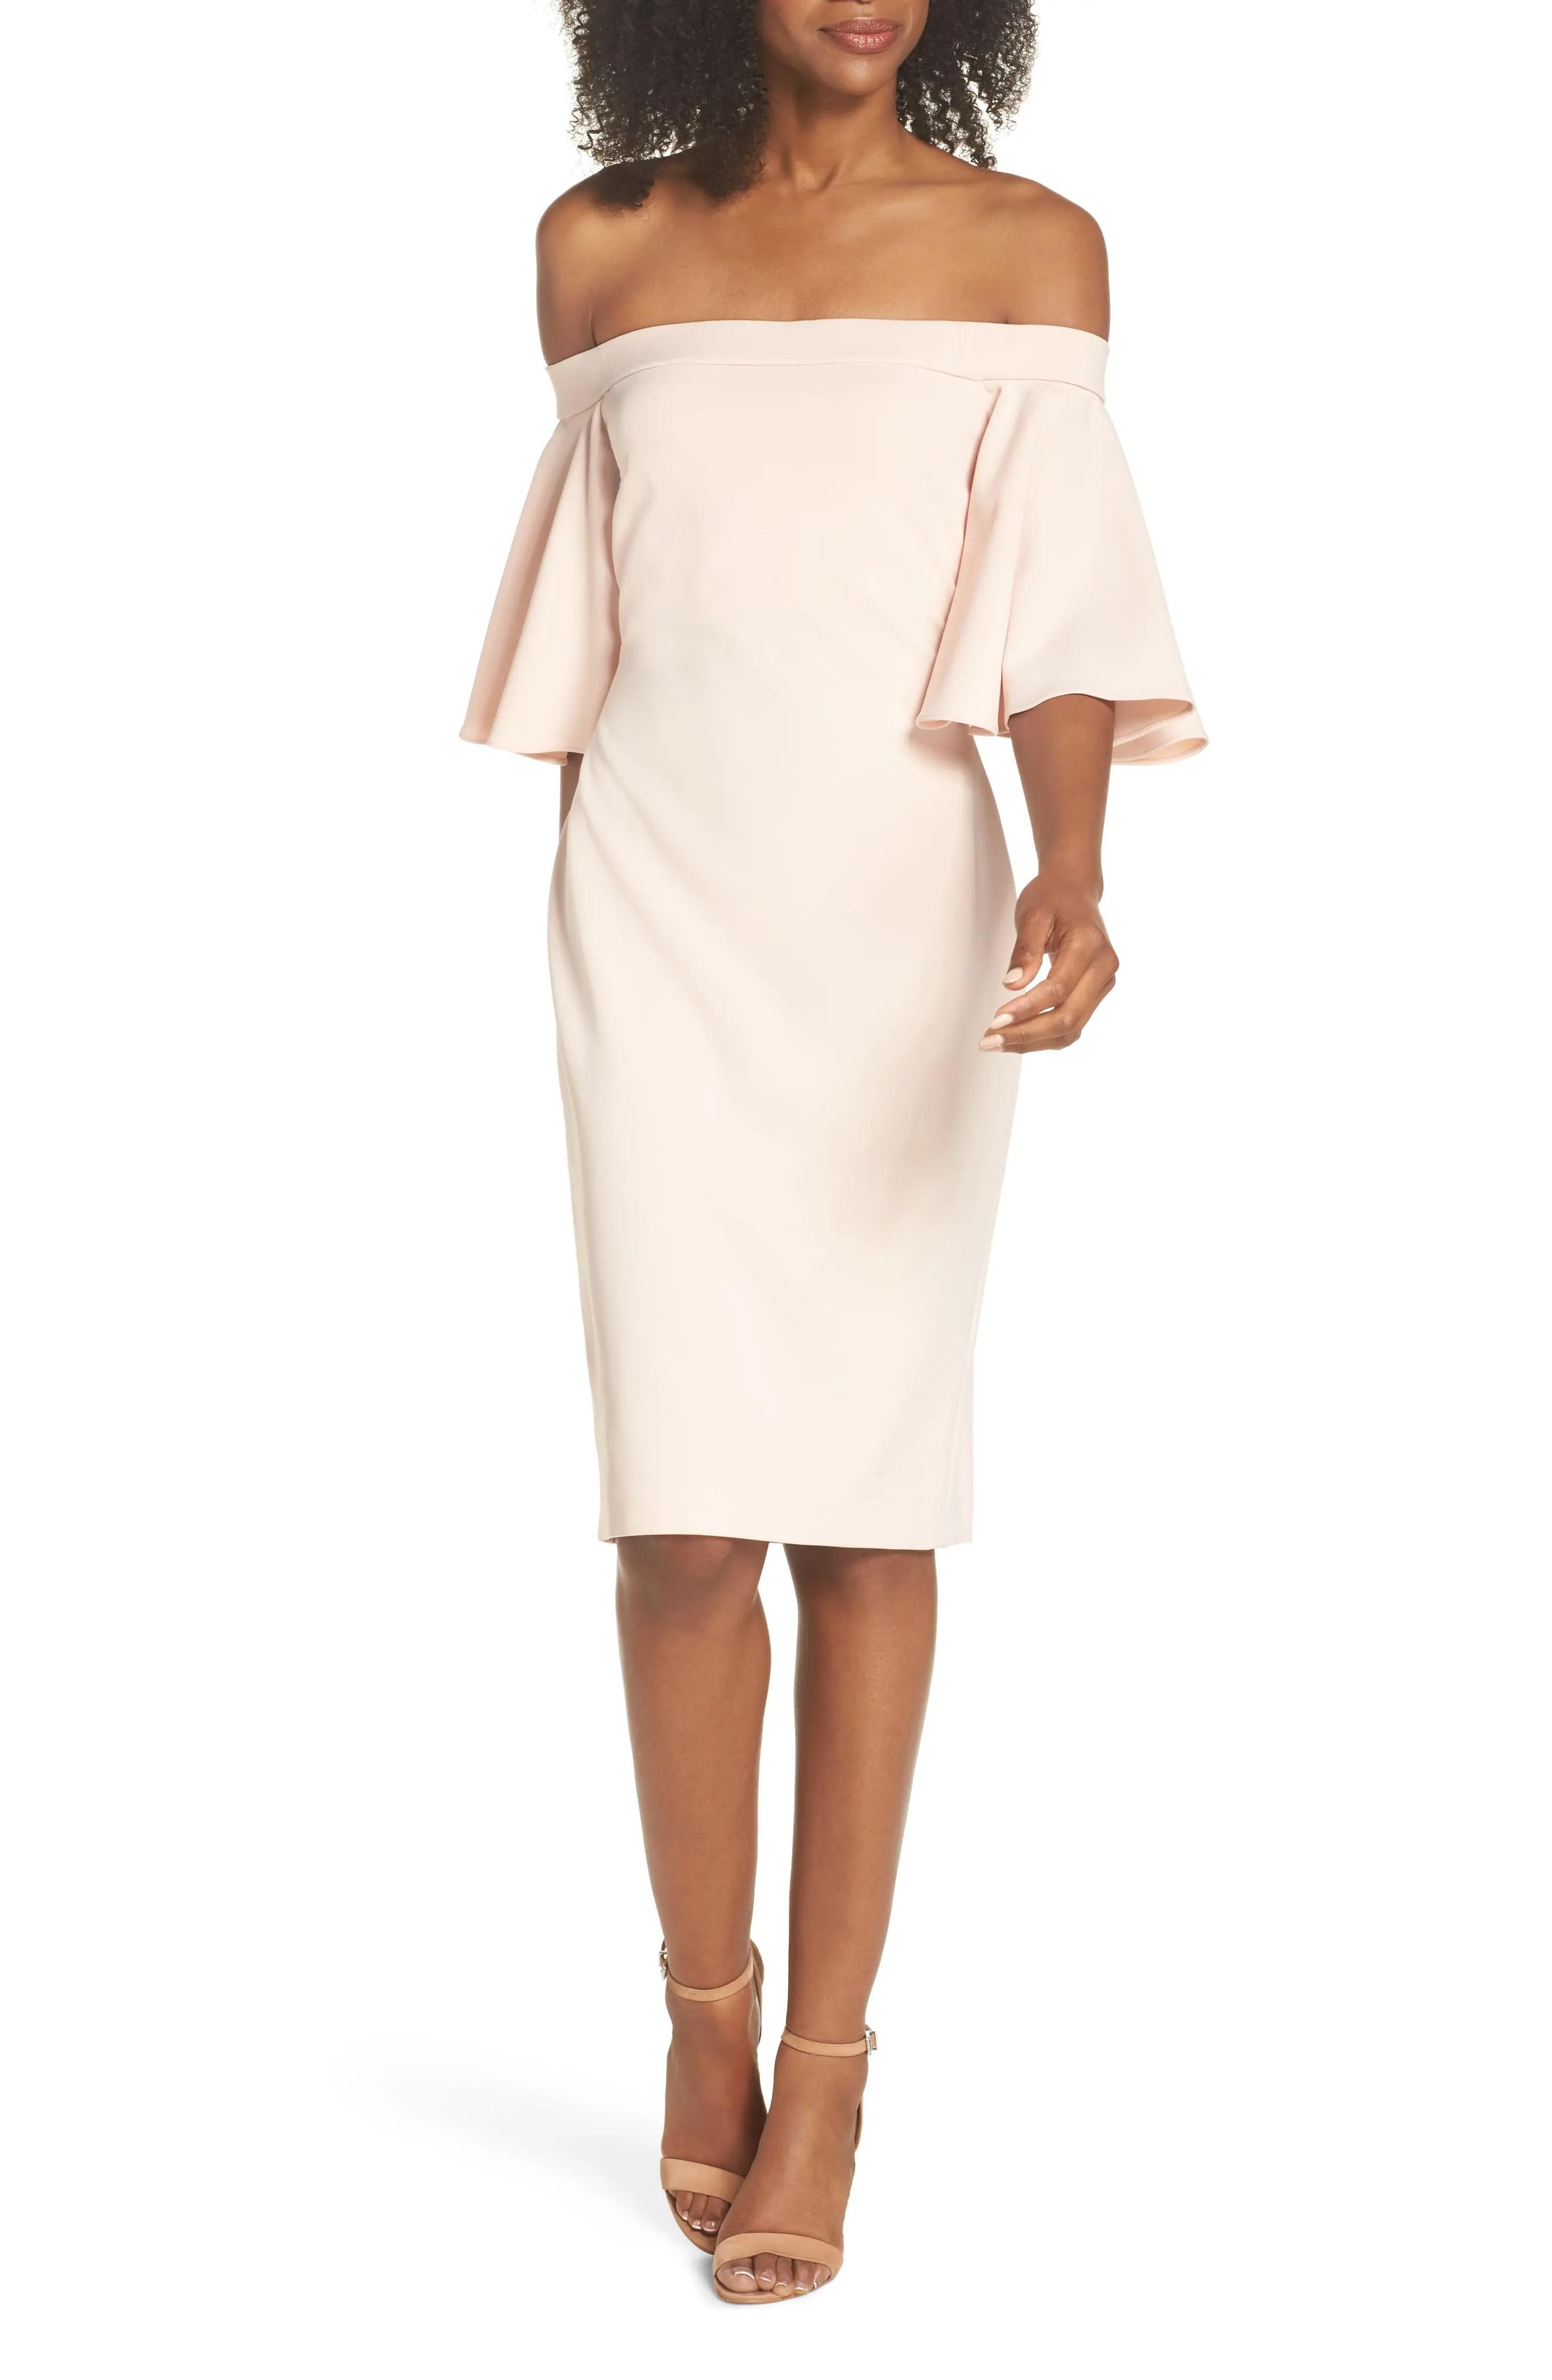 Eliza  off the shoulder sheath dress also women   dresses nordstrom rh shoprdstrom